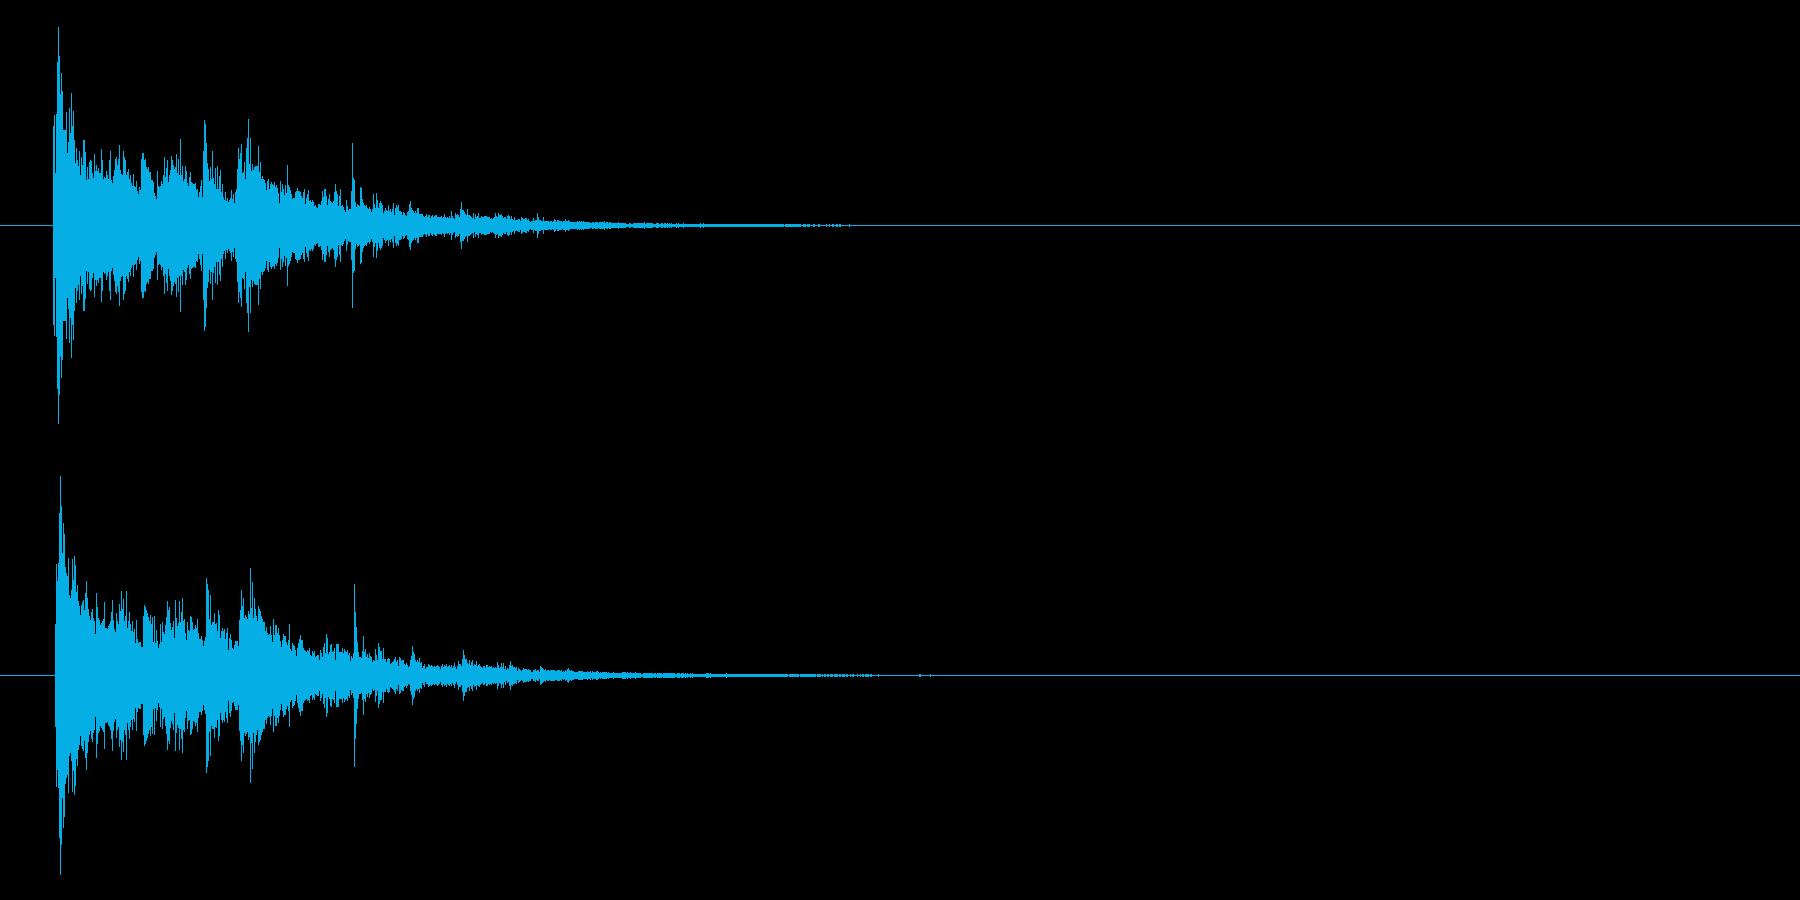 ガシャーン」粉々にガラスの割れる音+FXの再生済みの波形